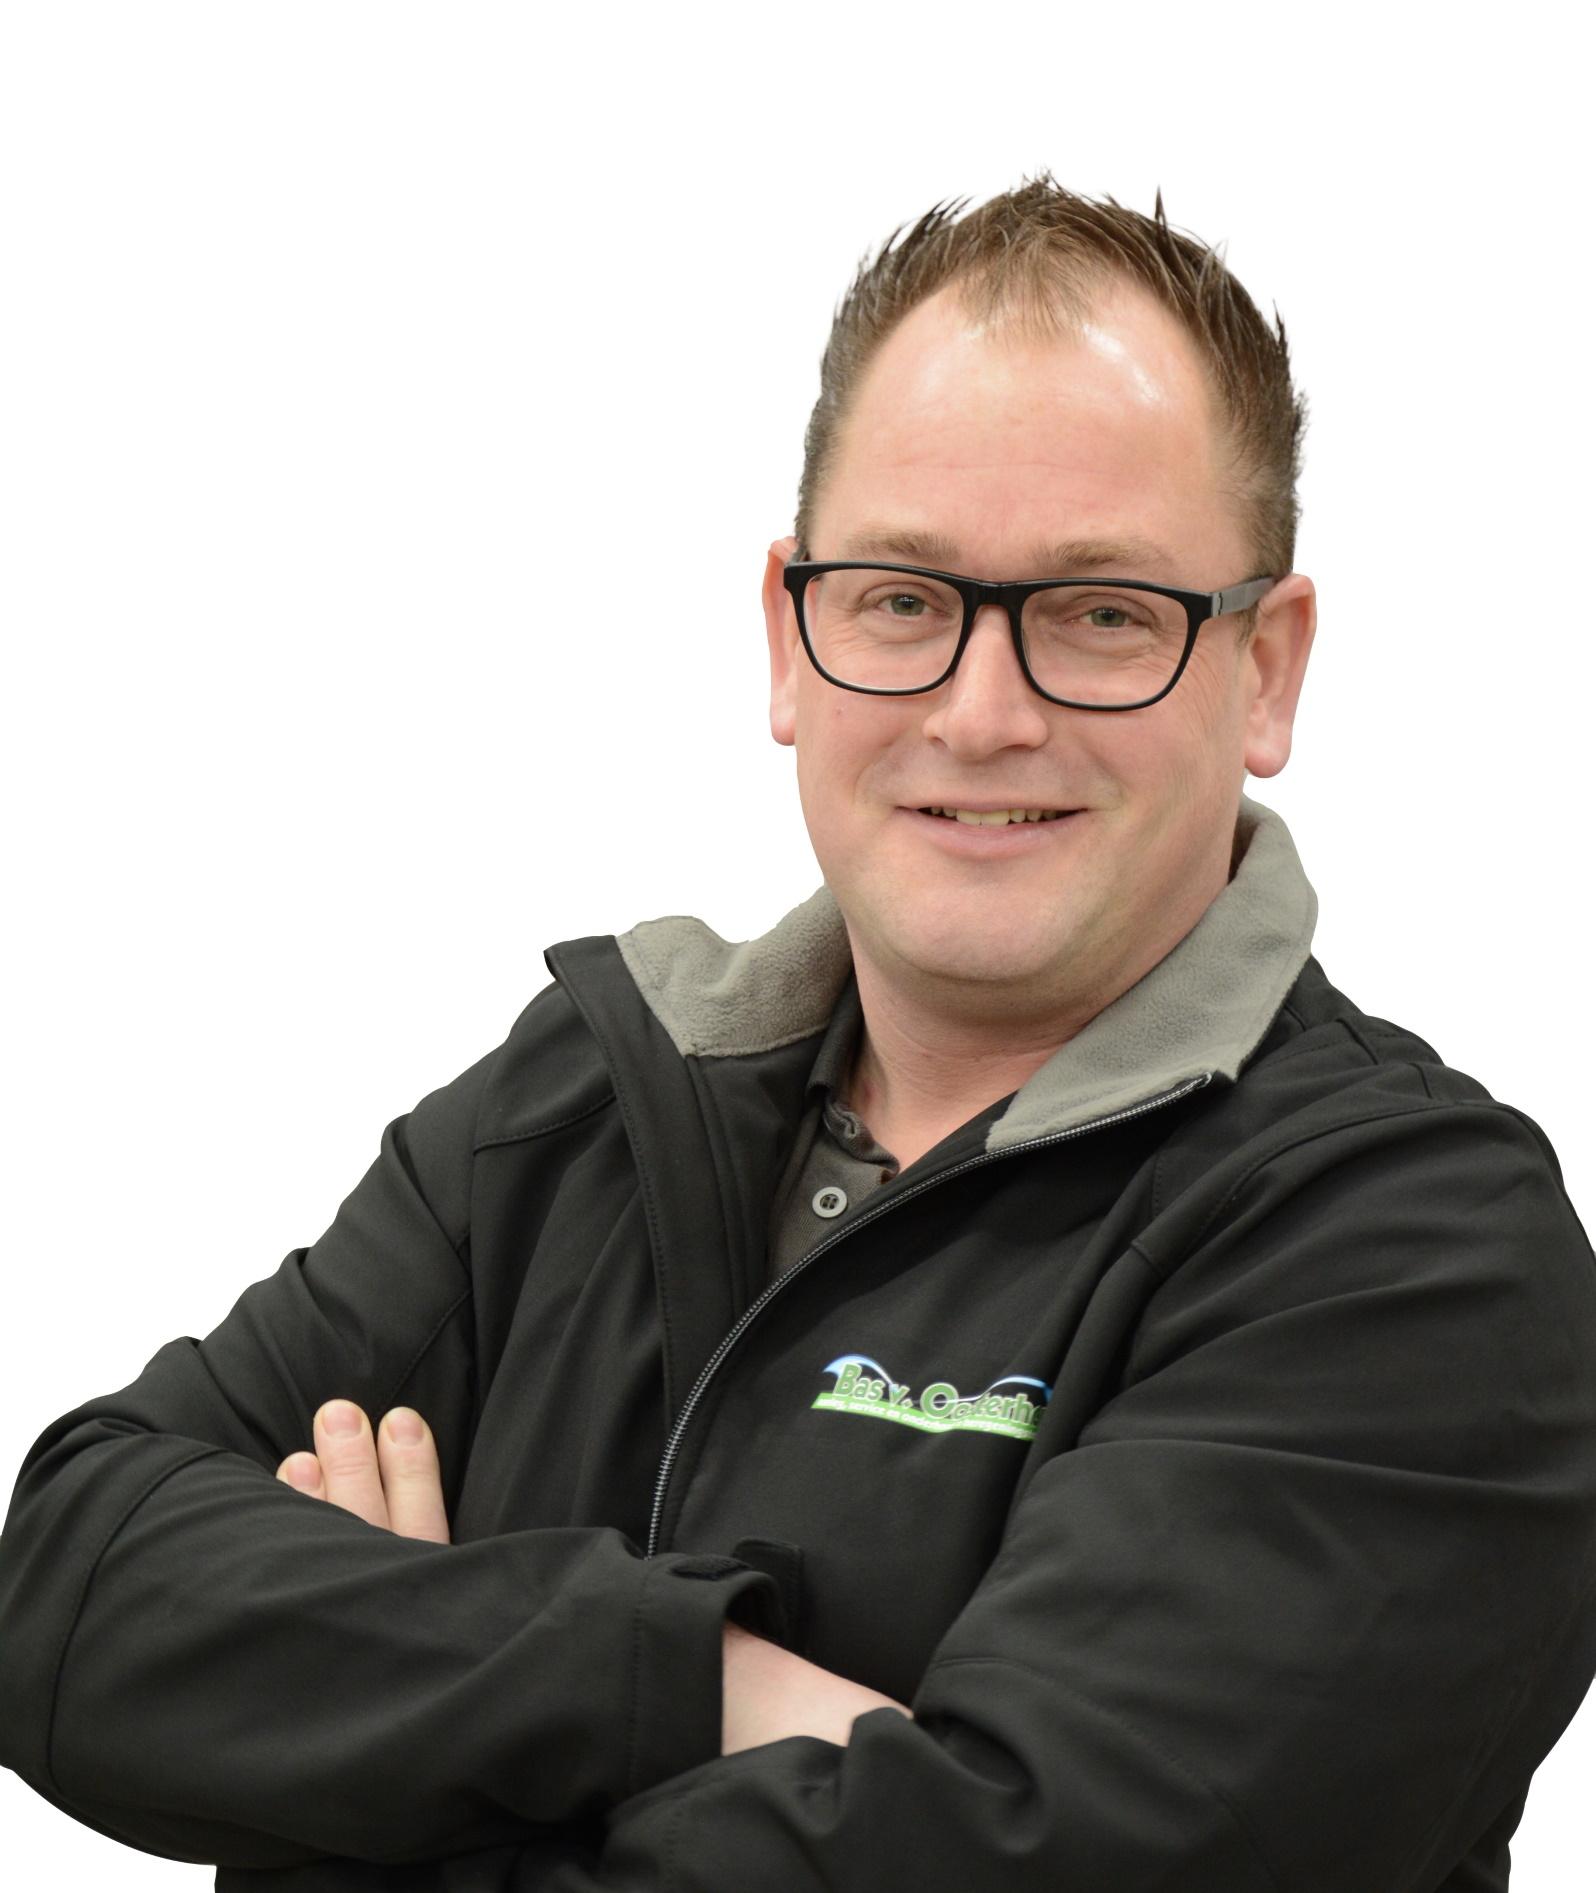 Ronnie van Oosterhout